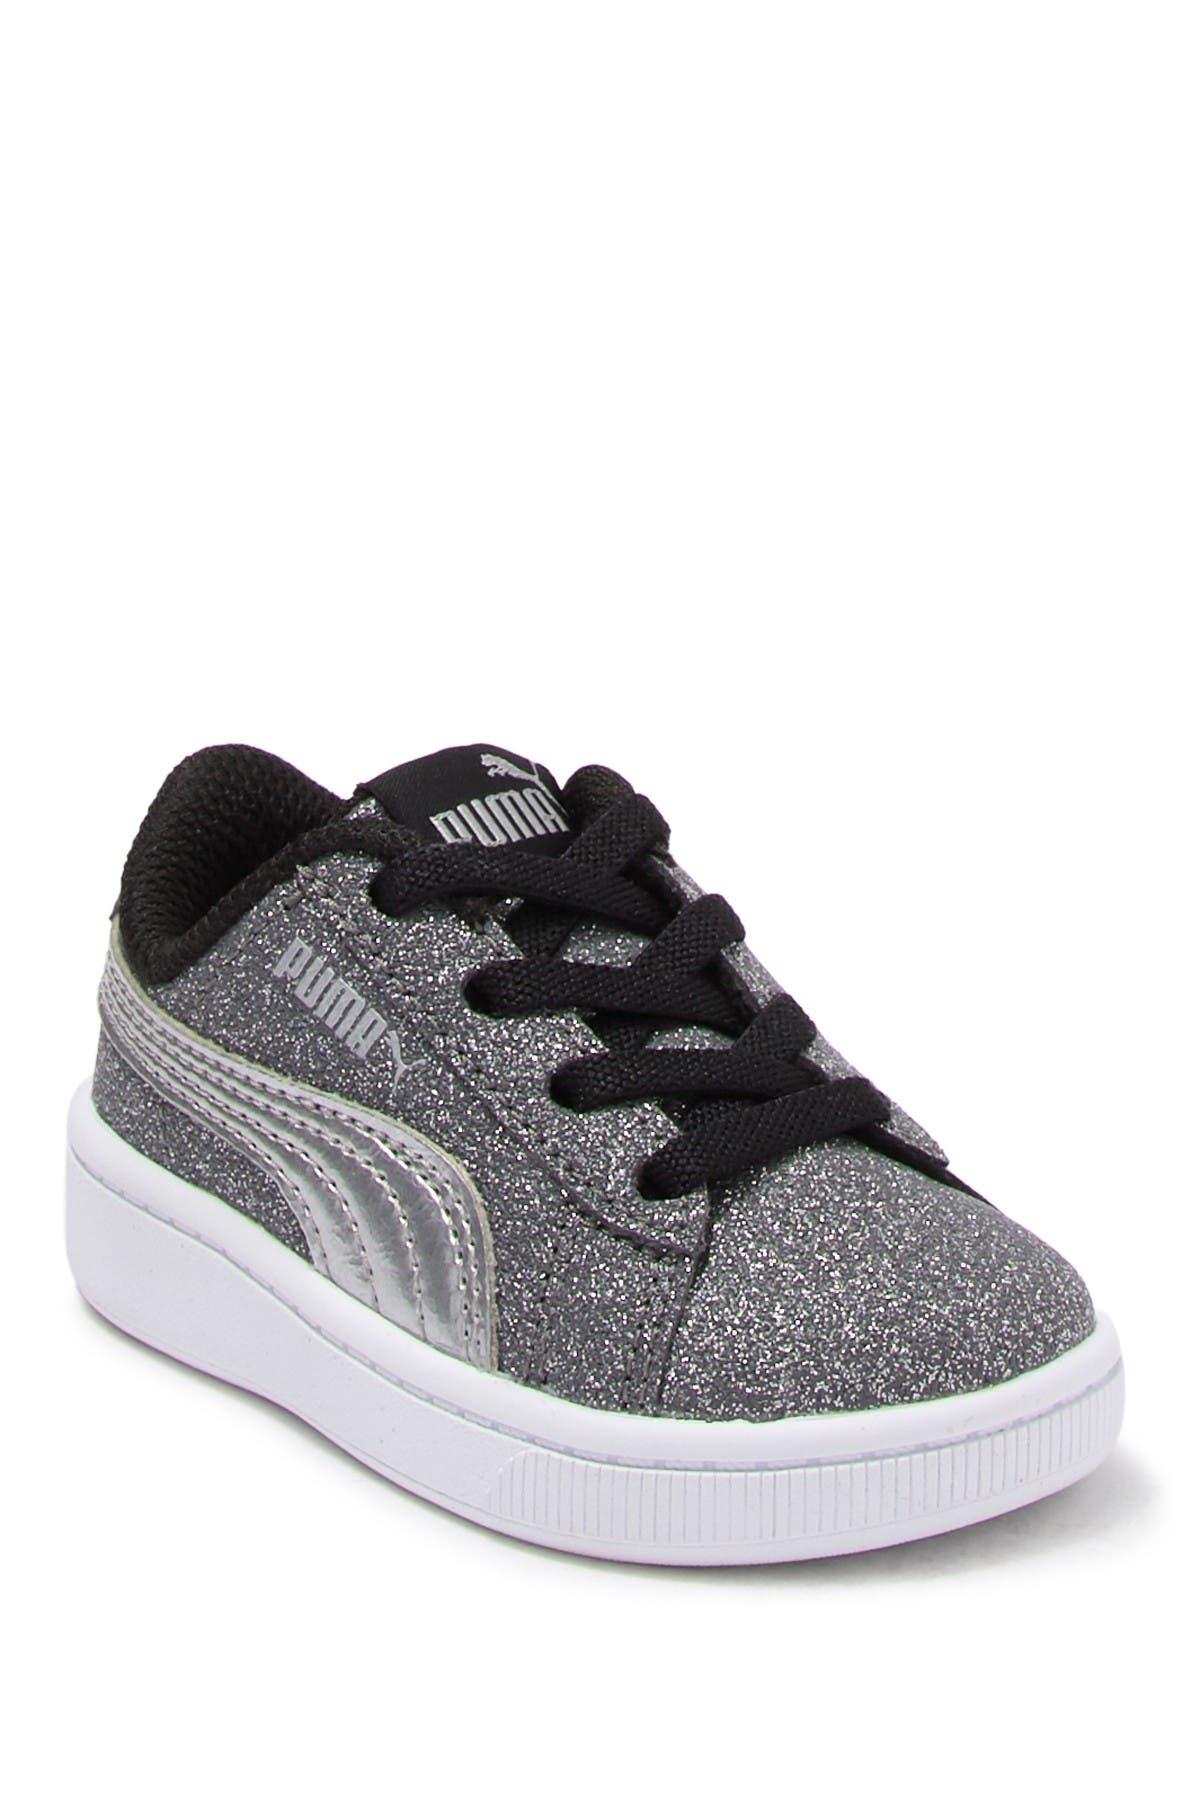 PUMA | Vikky V2 Glitz AC Sneaker